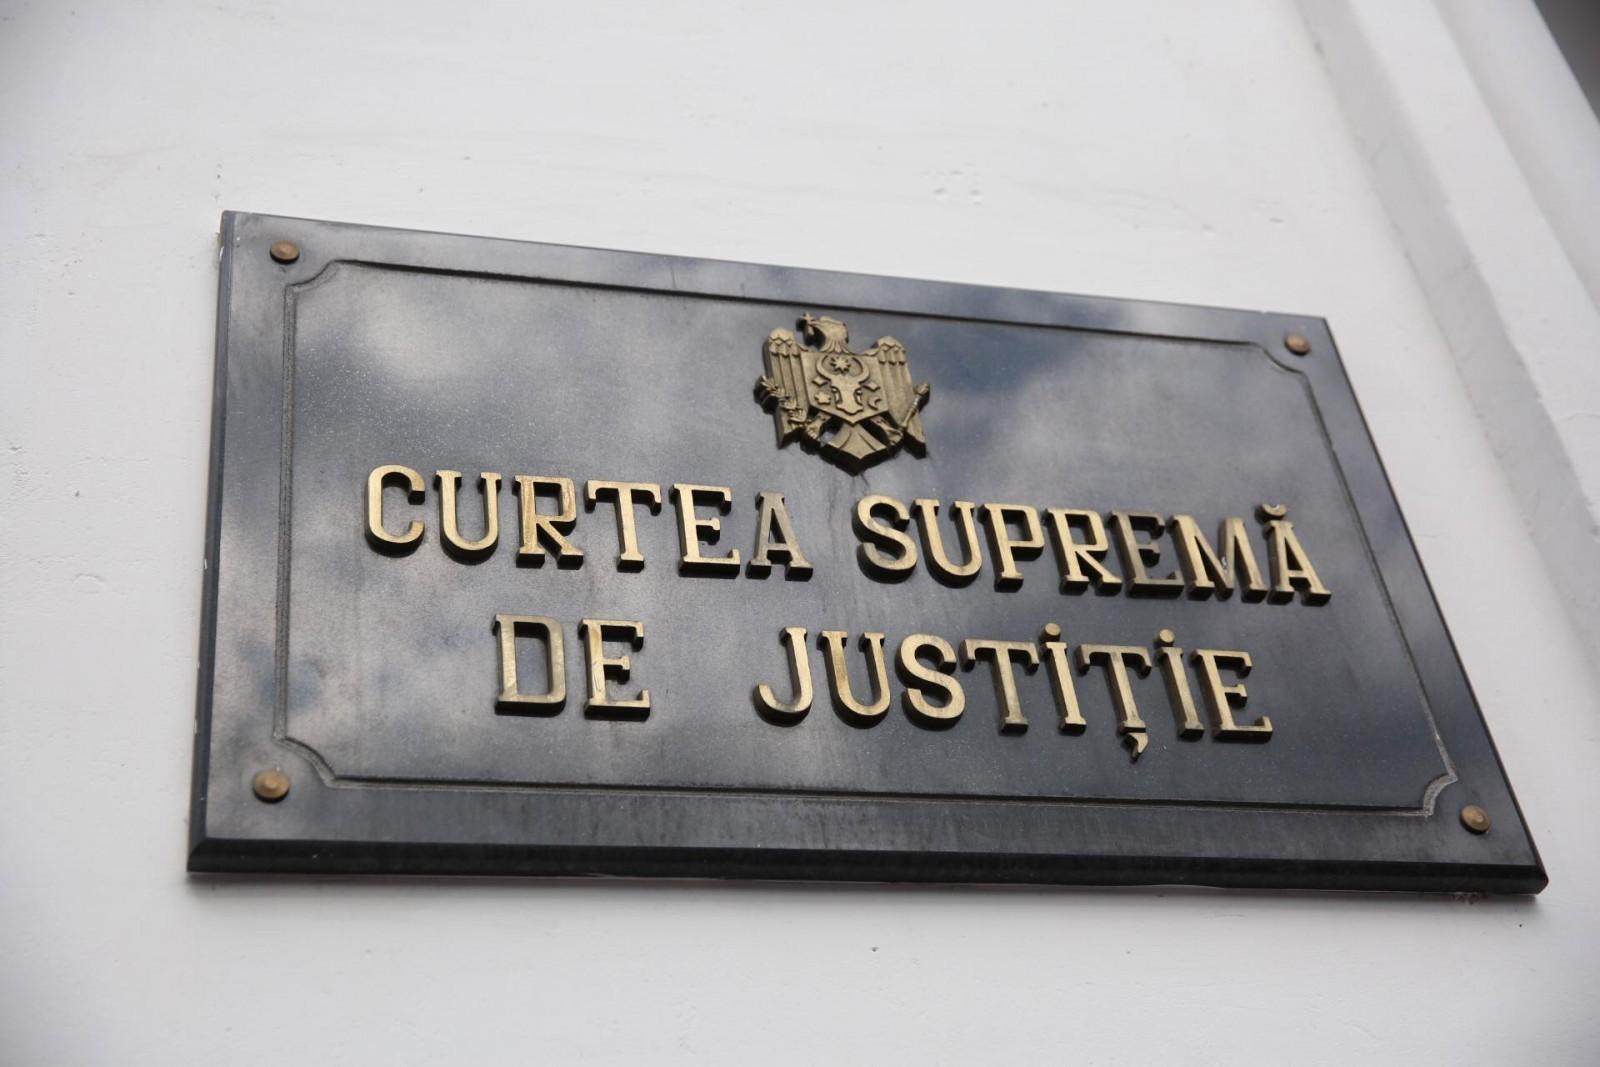 Trei magistrați au undă verde pentru a fi promovați la Curtea Supremă de Justiție. Cine sunt aceștia